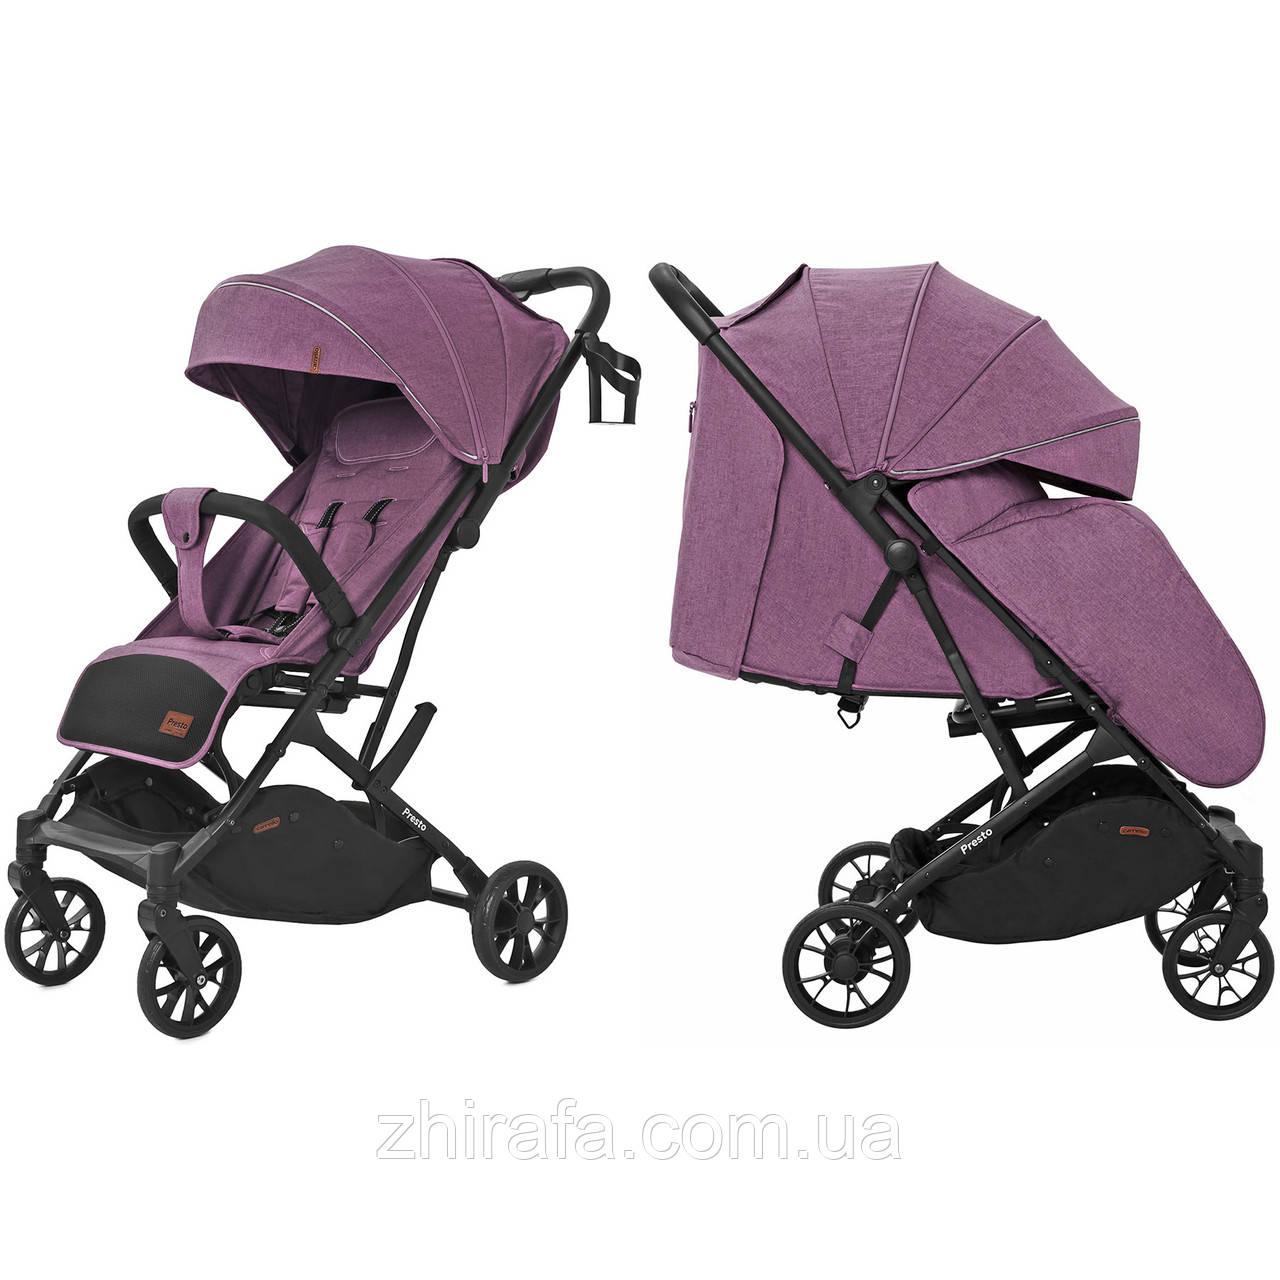 Легкая прогулочная коляска книжка Carrello Presto с дождевиком Indigo Purple